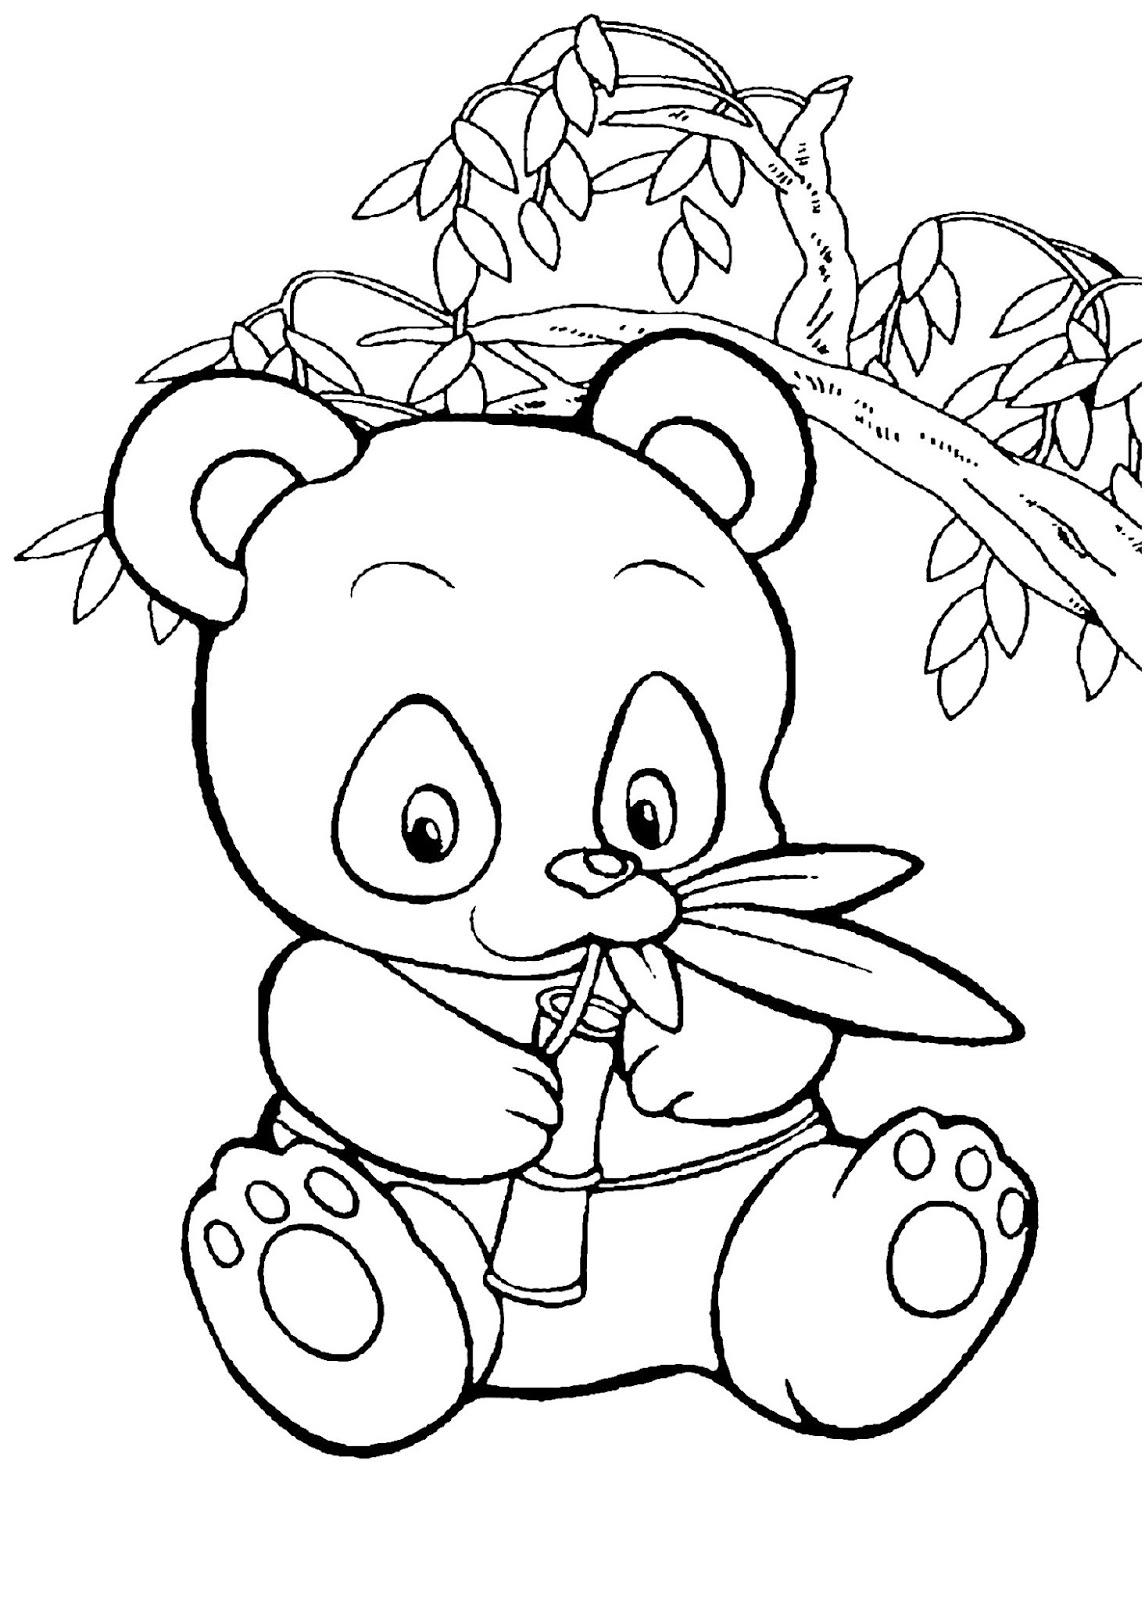 Tranh tô màu con gấu trúc đang ăn lá